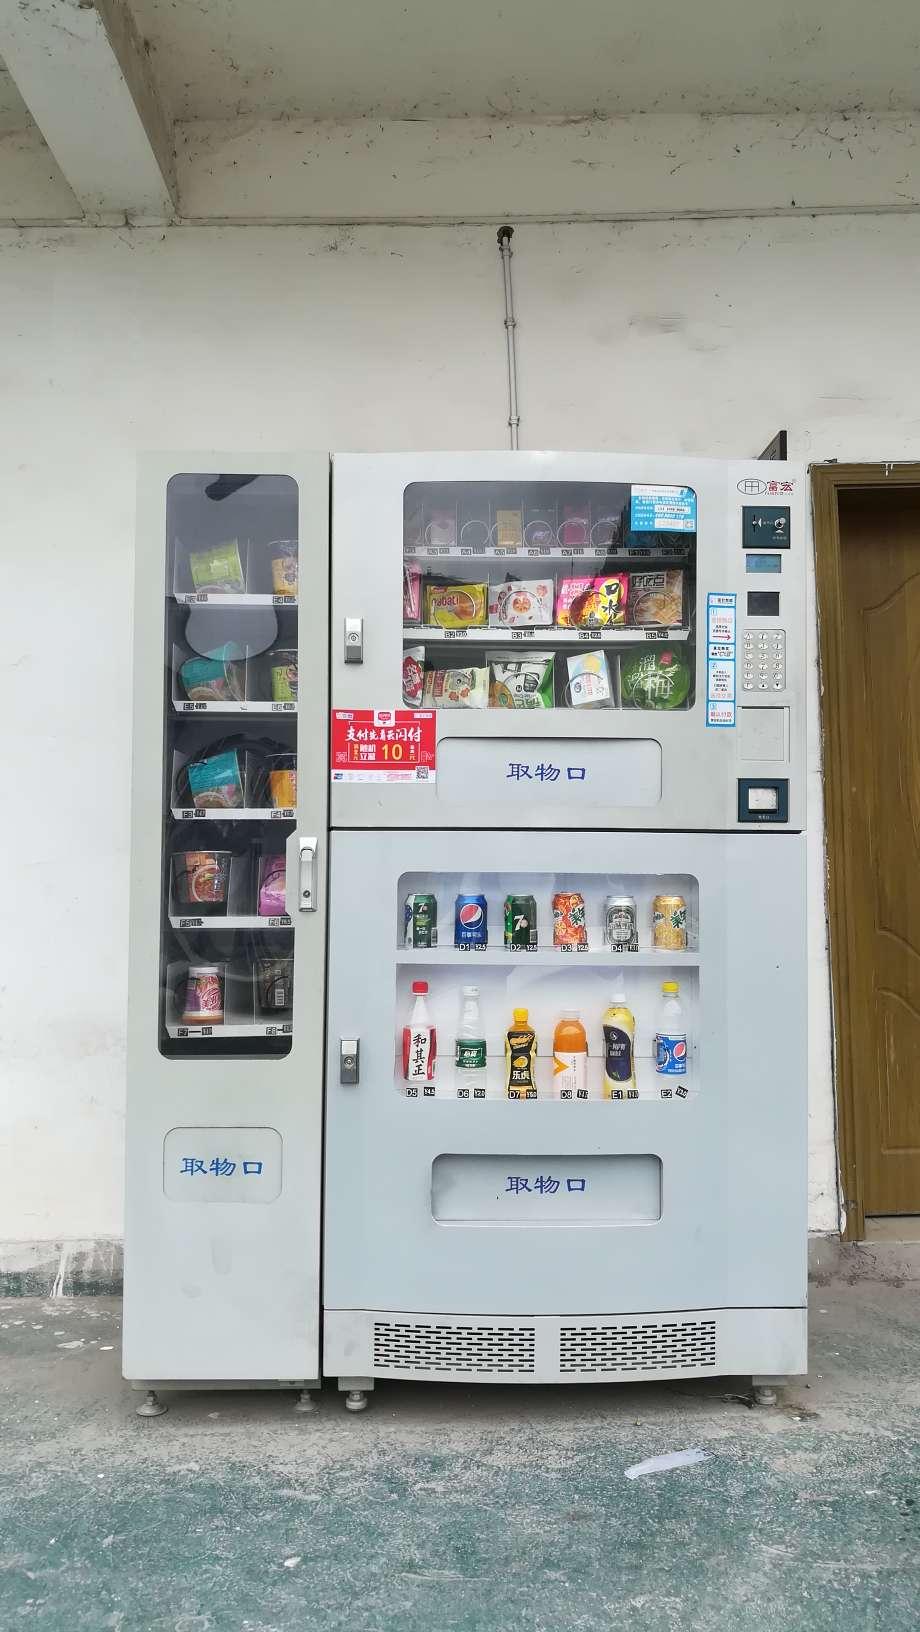 自动售货机,自助售卖机,富宏智能售卖机,自动贩卖机